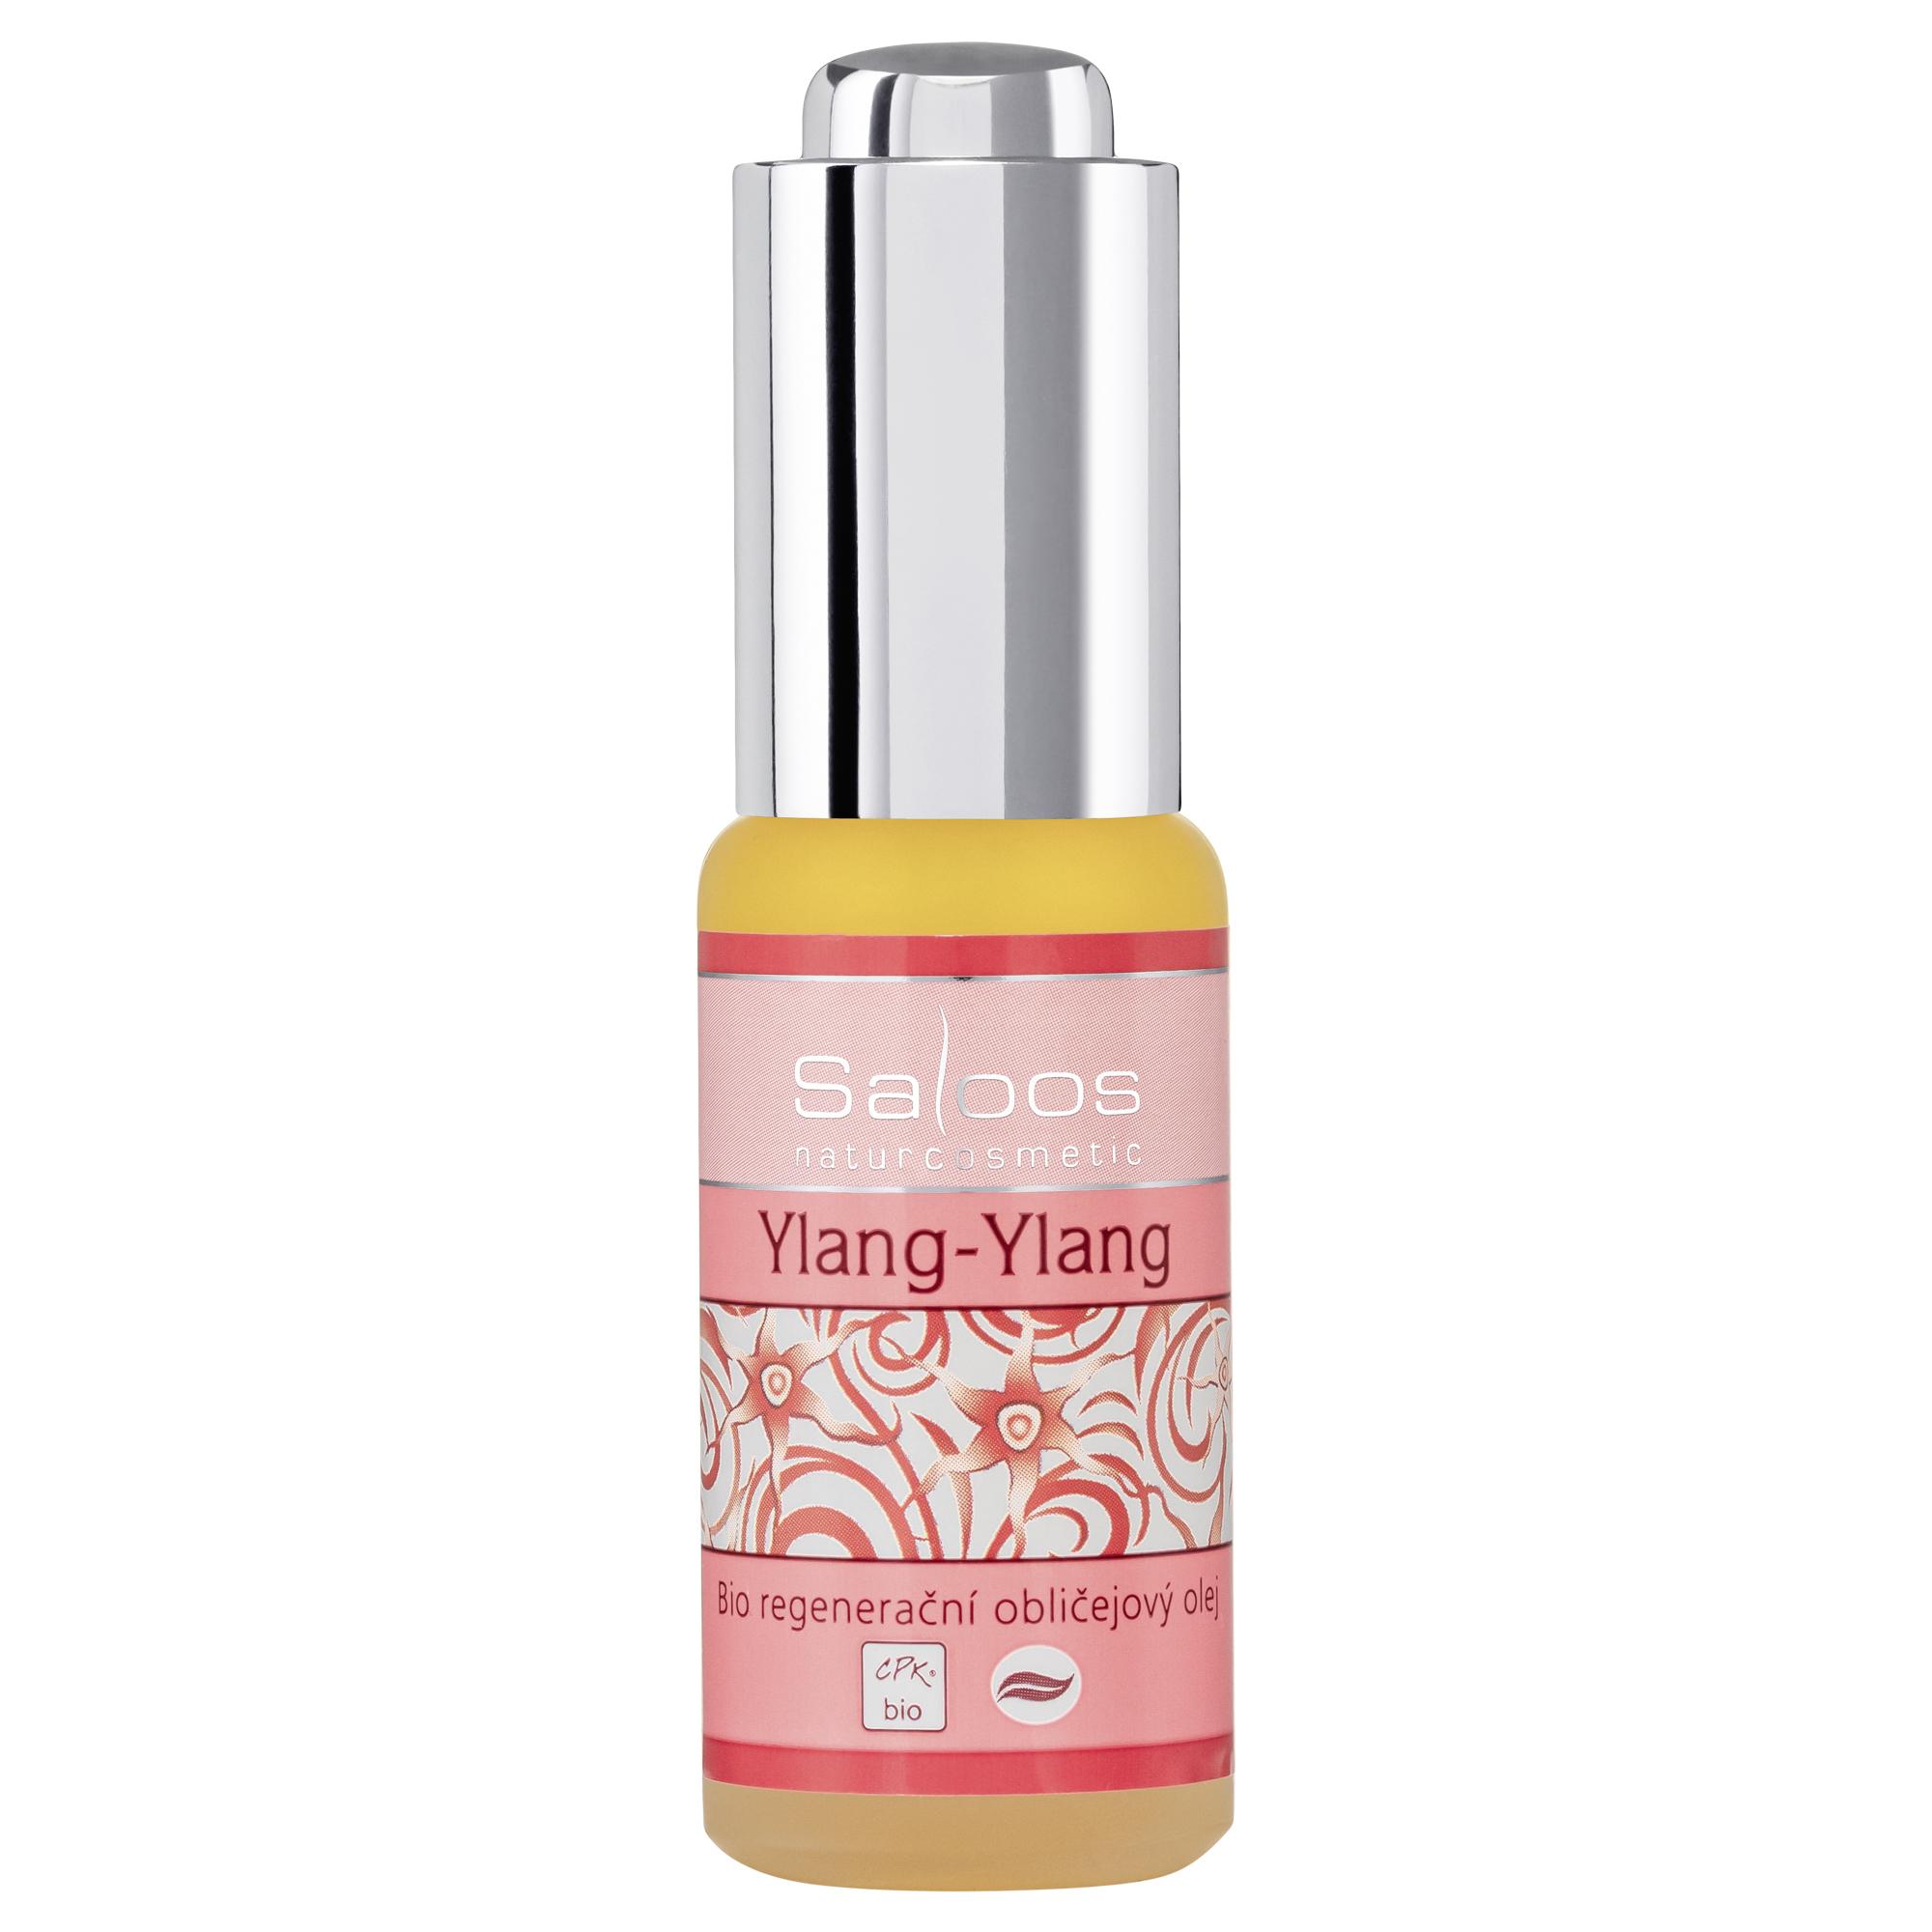 Regenerační obličejový olej YLANG-YLANG 20ml Saloos